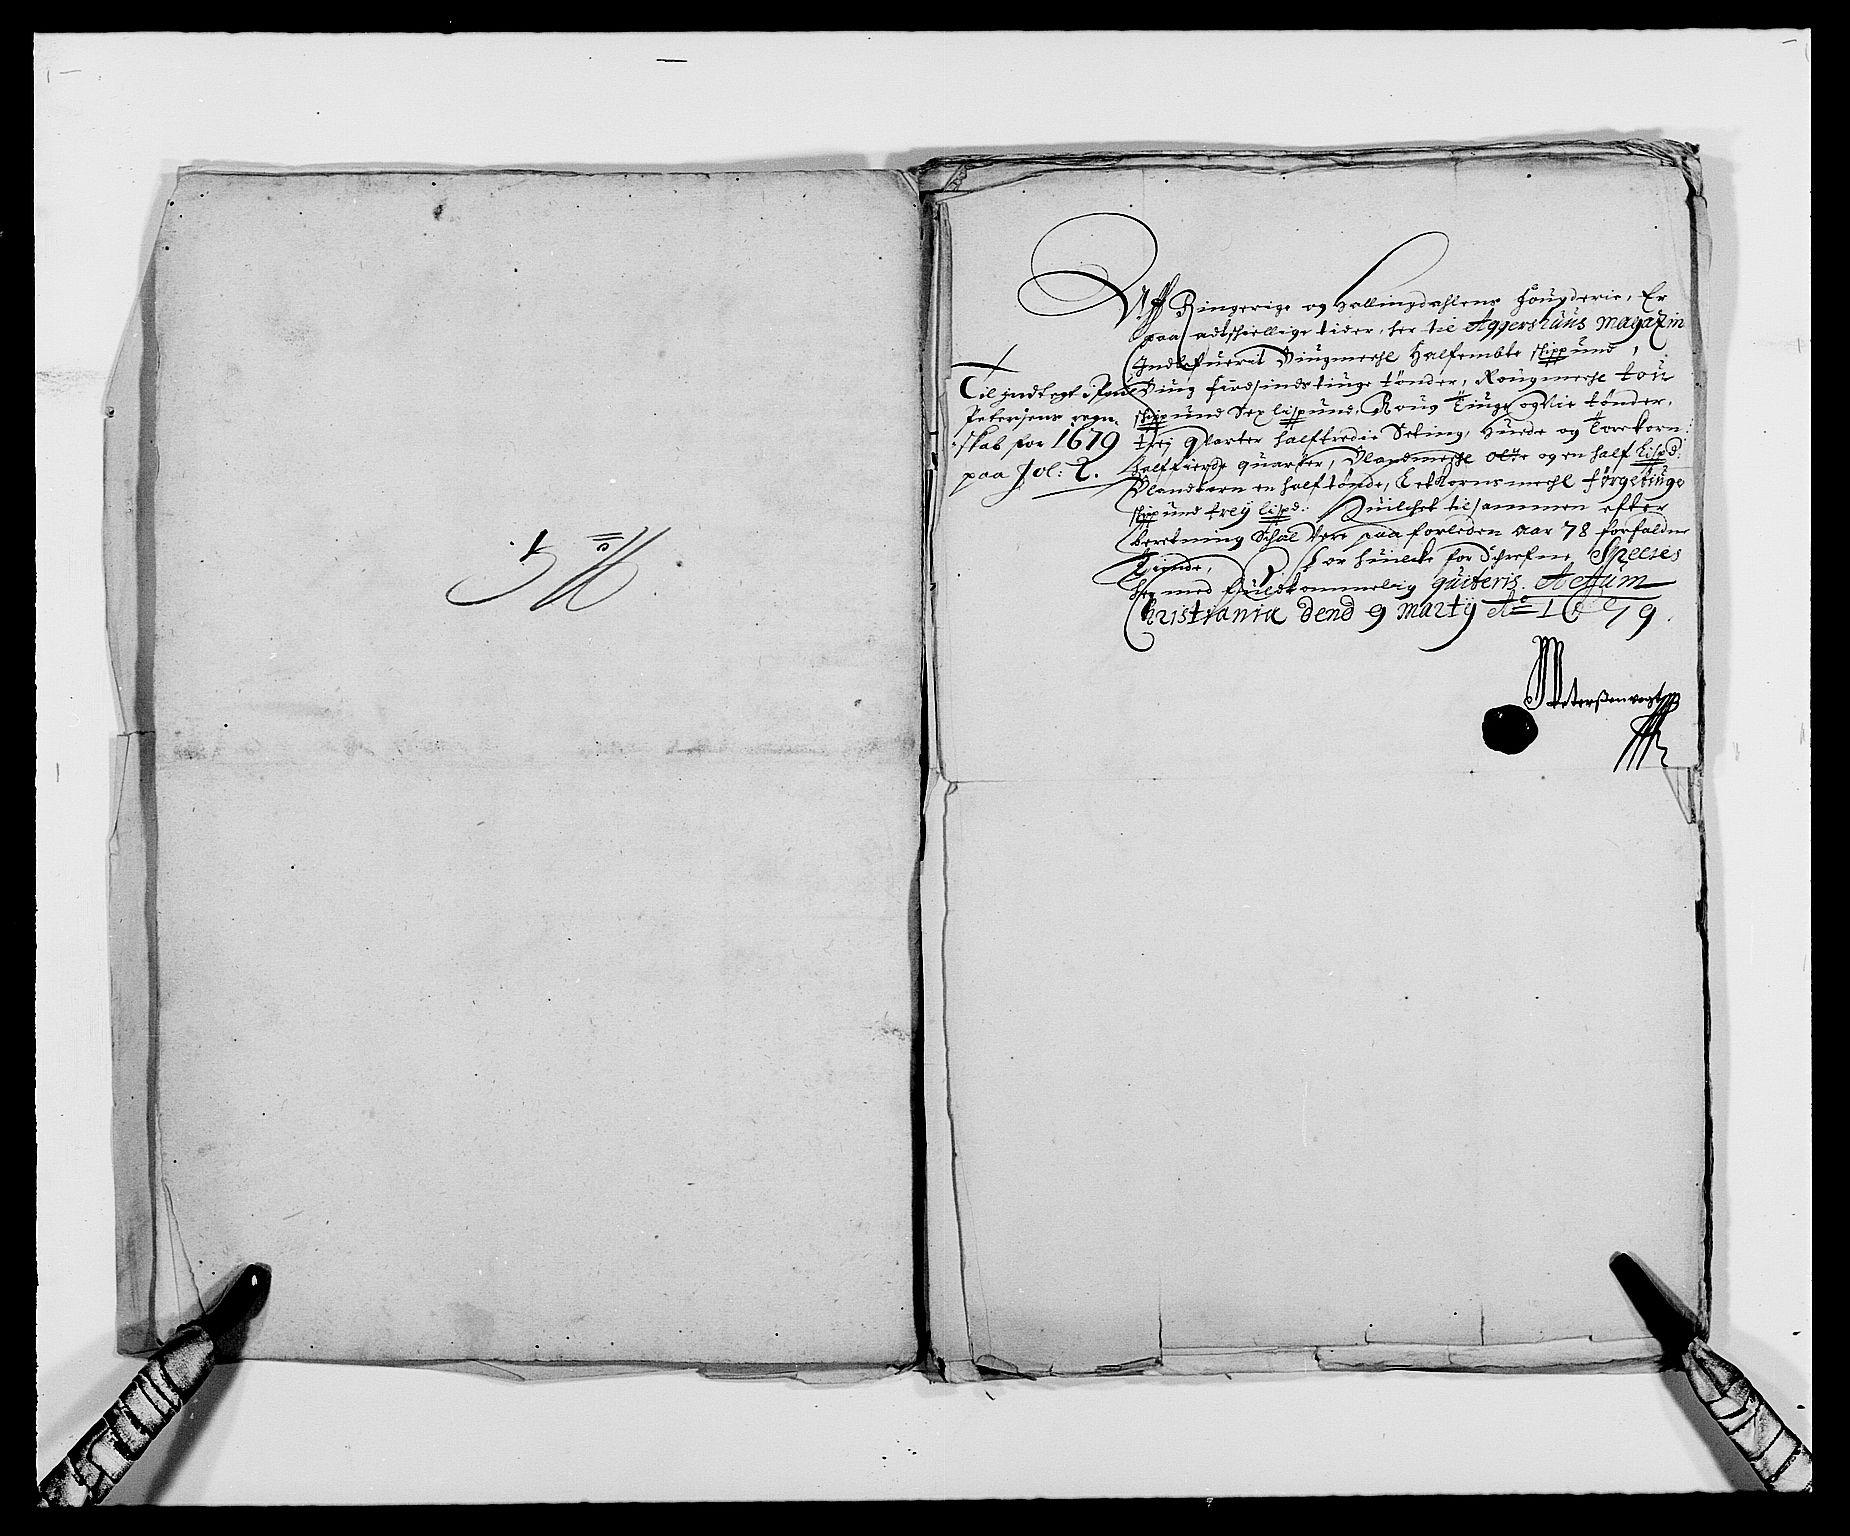 RA, Rentekammeret inntil 1814, Reviderte regnskaper, Fogderegnskap, R21/L1443: Fogderegnskap Ringerike og Hallingdal, 1678-1680, s. 207